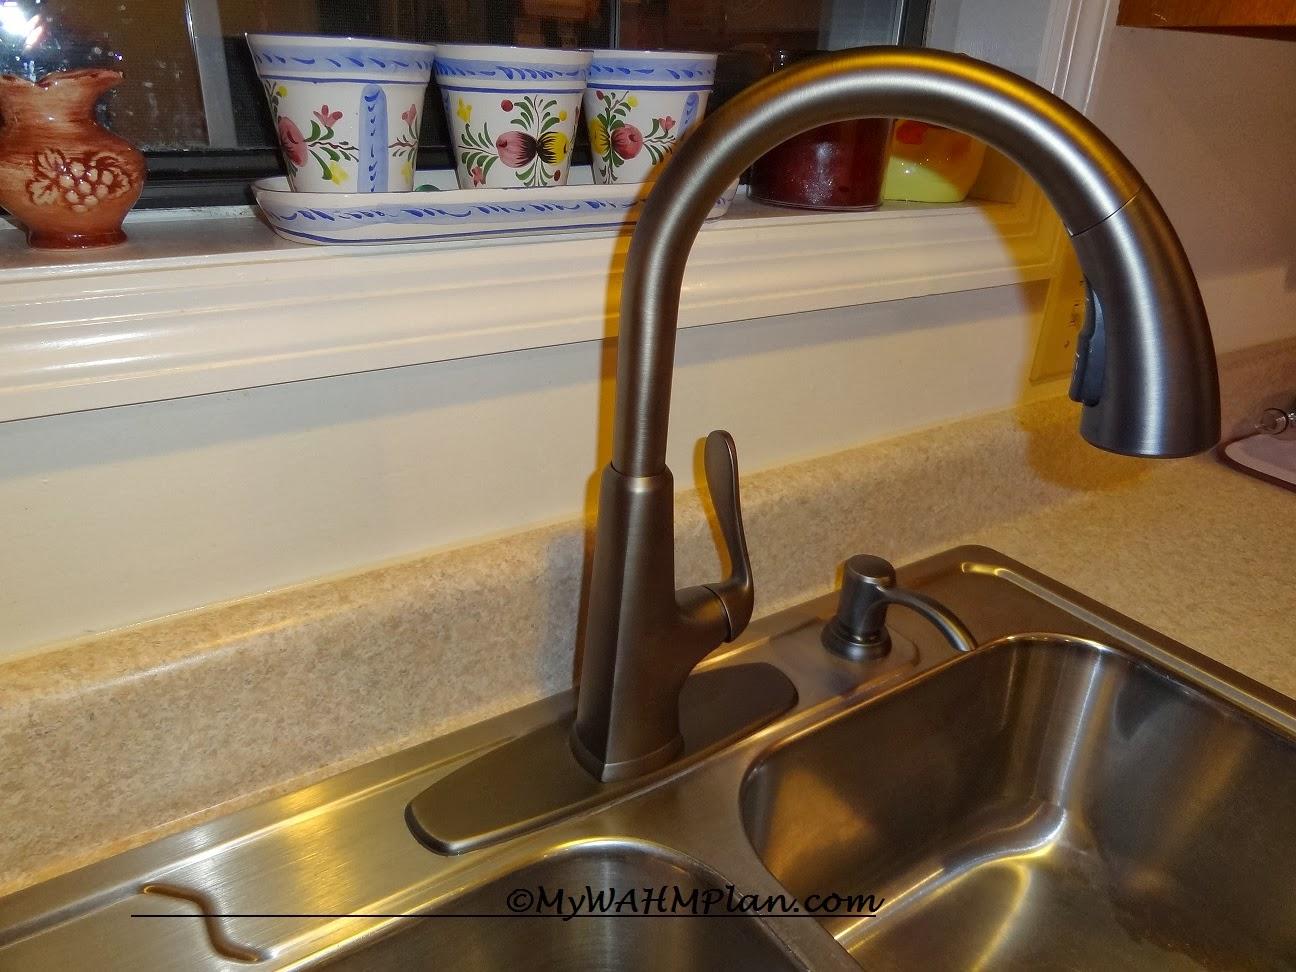 Sparkling clean kitchen sink